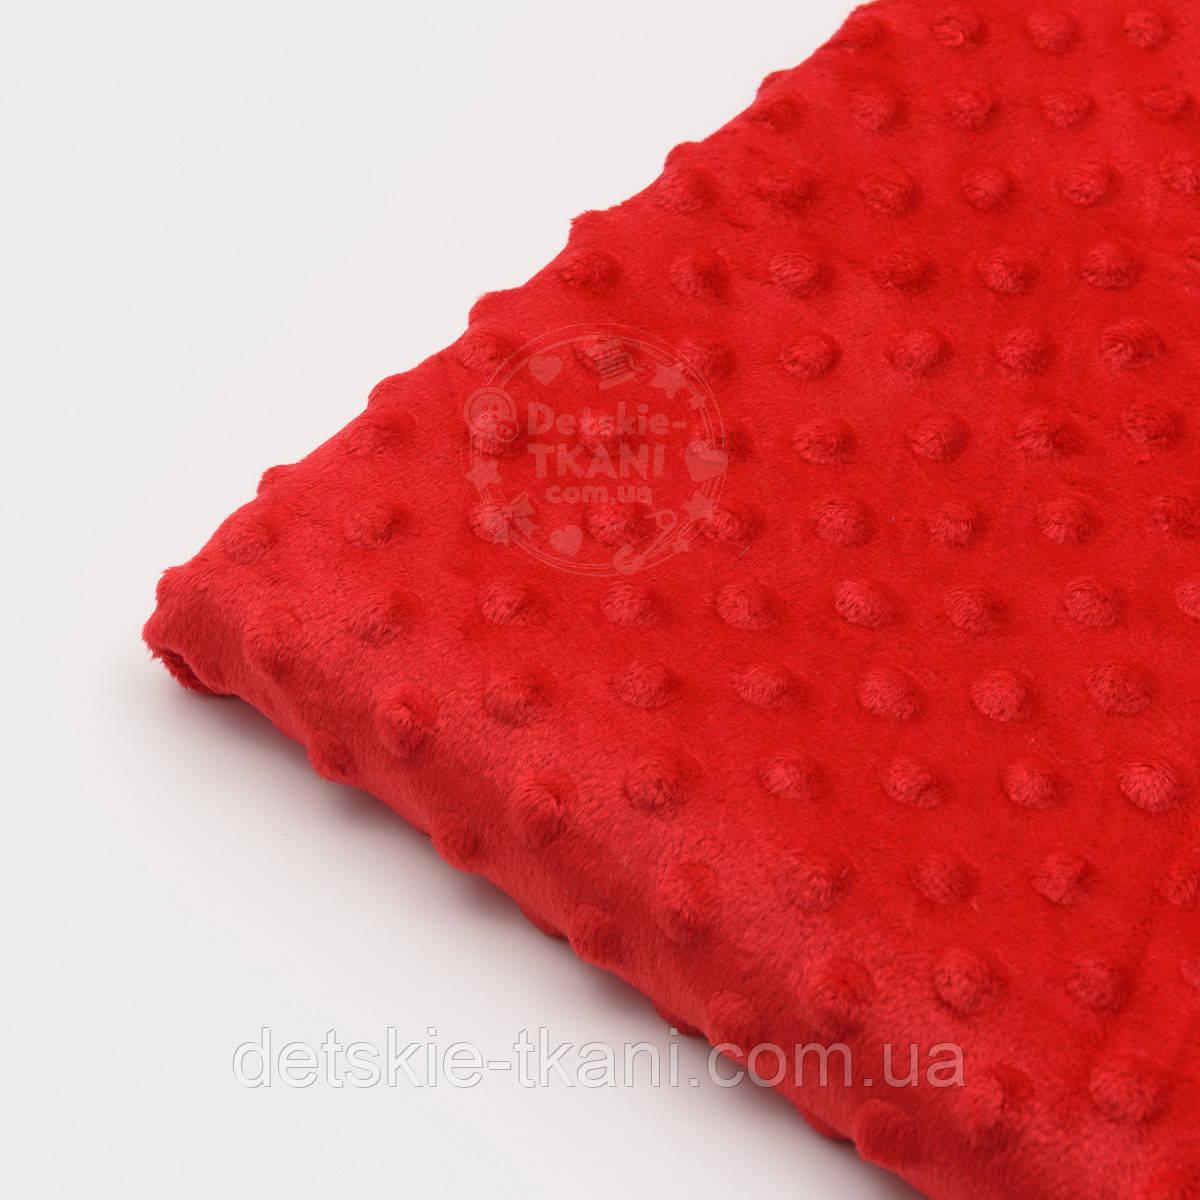 """Отрез плюш minky М-23 размером 40*40 см красного цвета """"классика"""""""